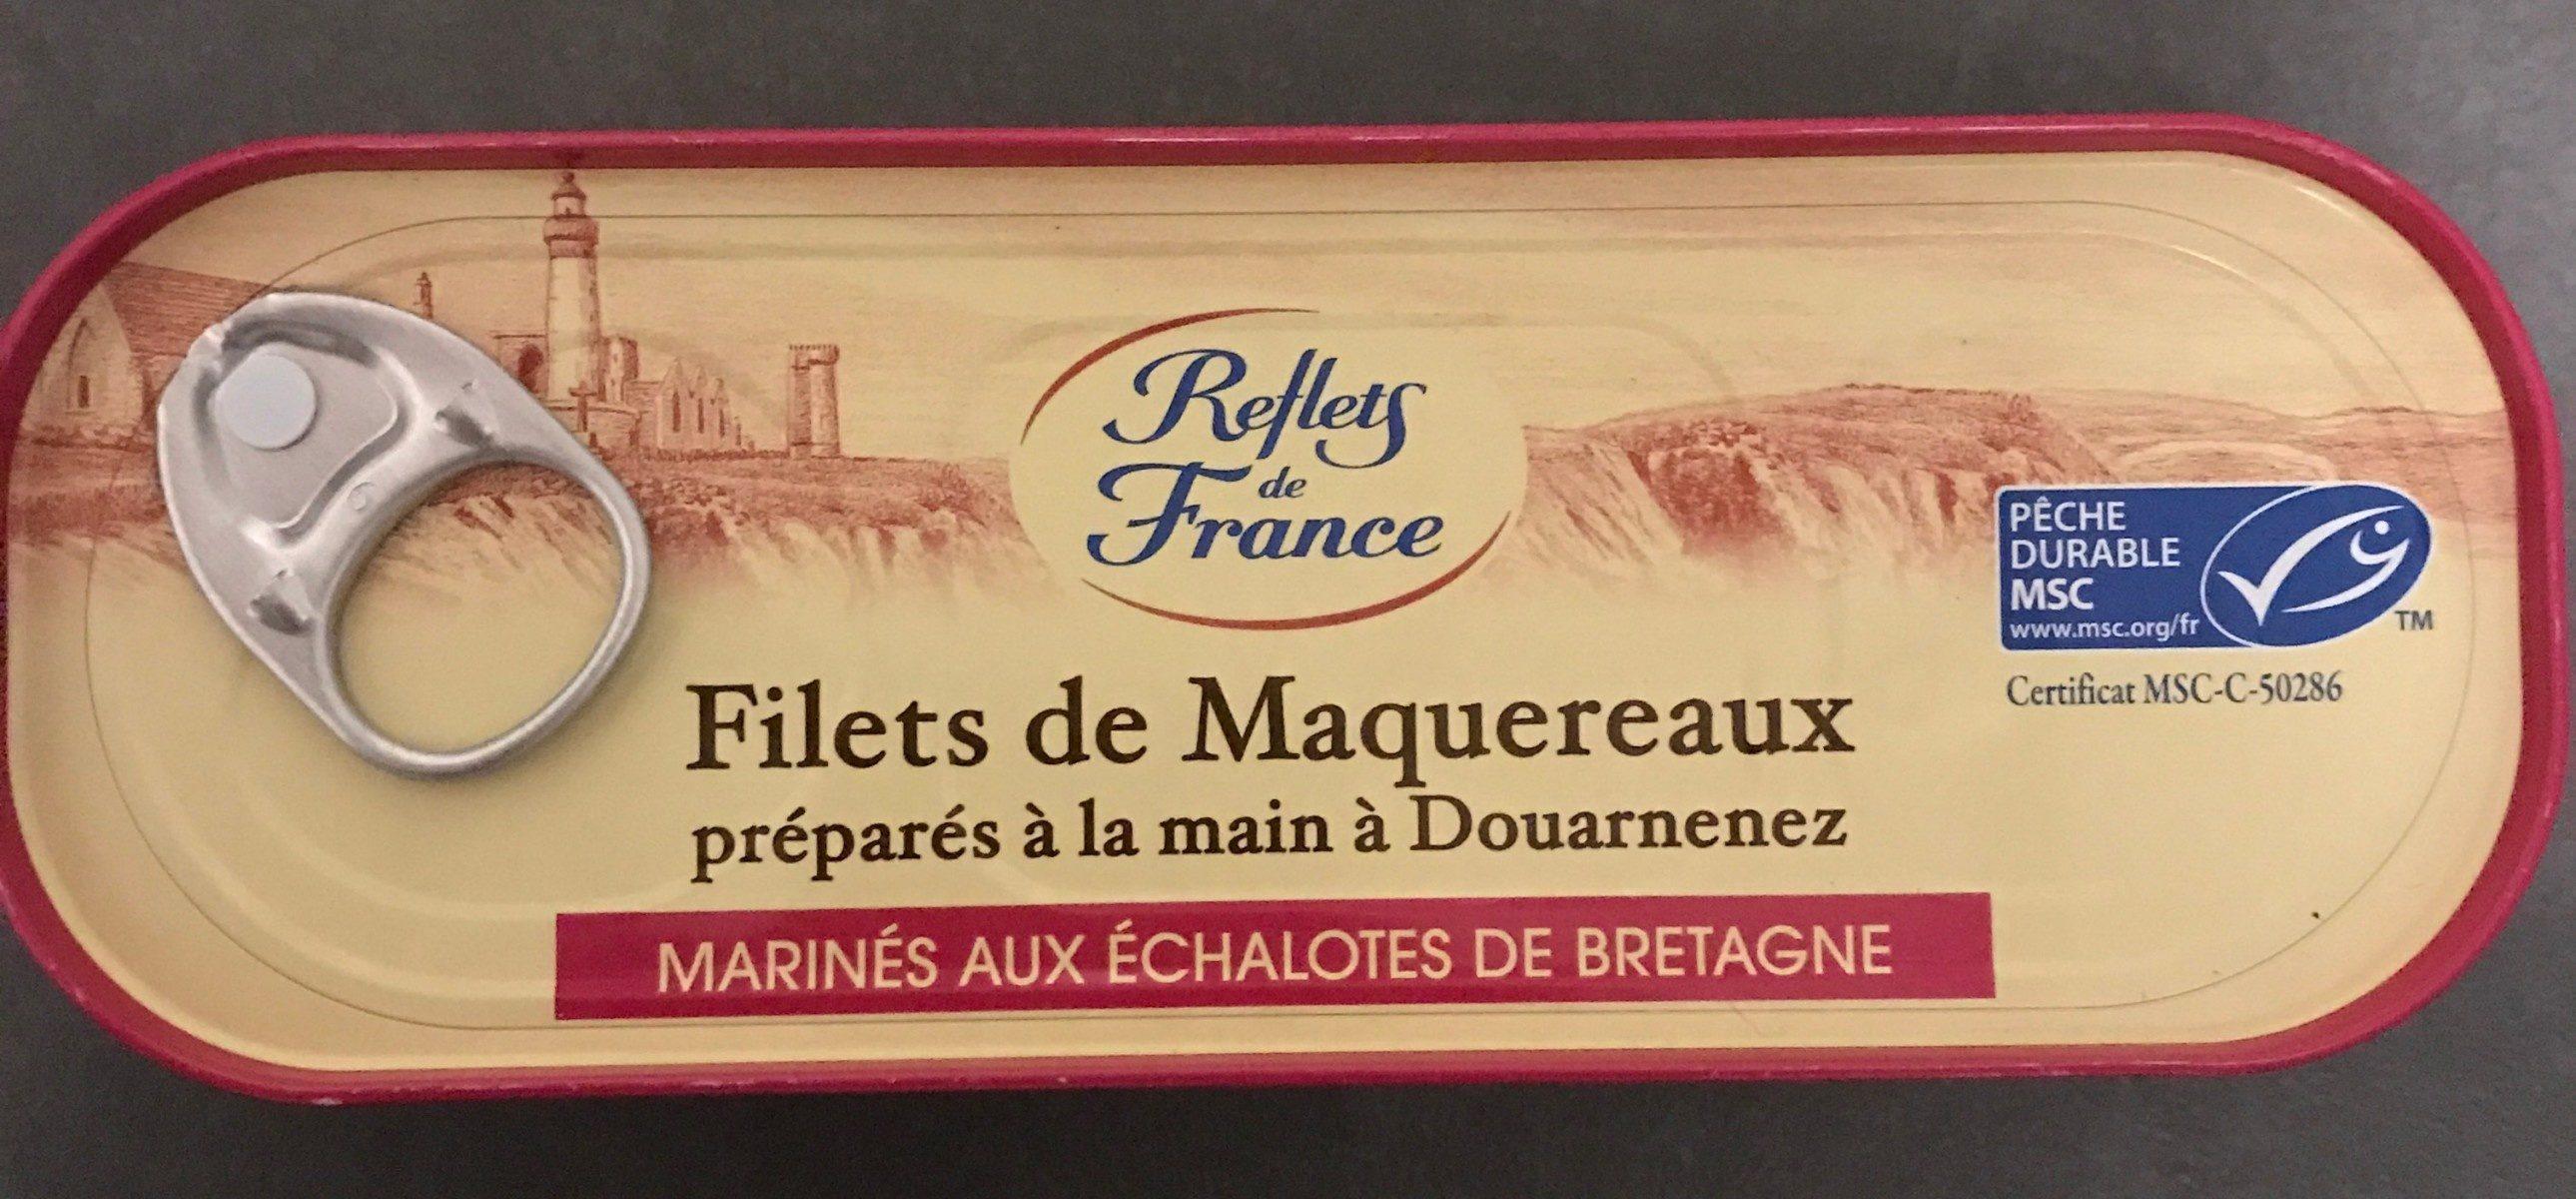 filets de maquereaux marinés aux échalotes - Product